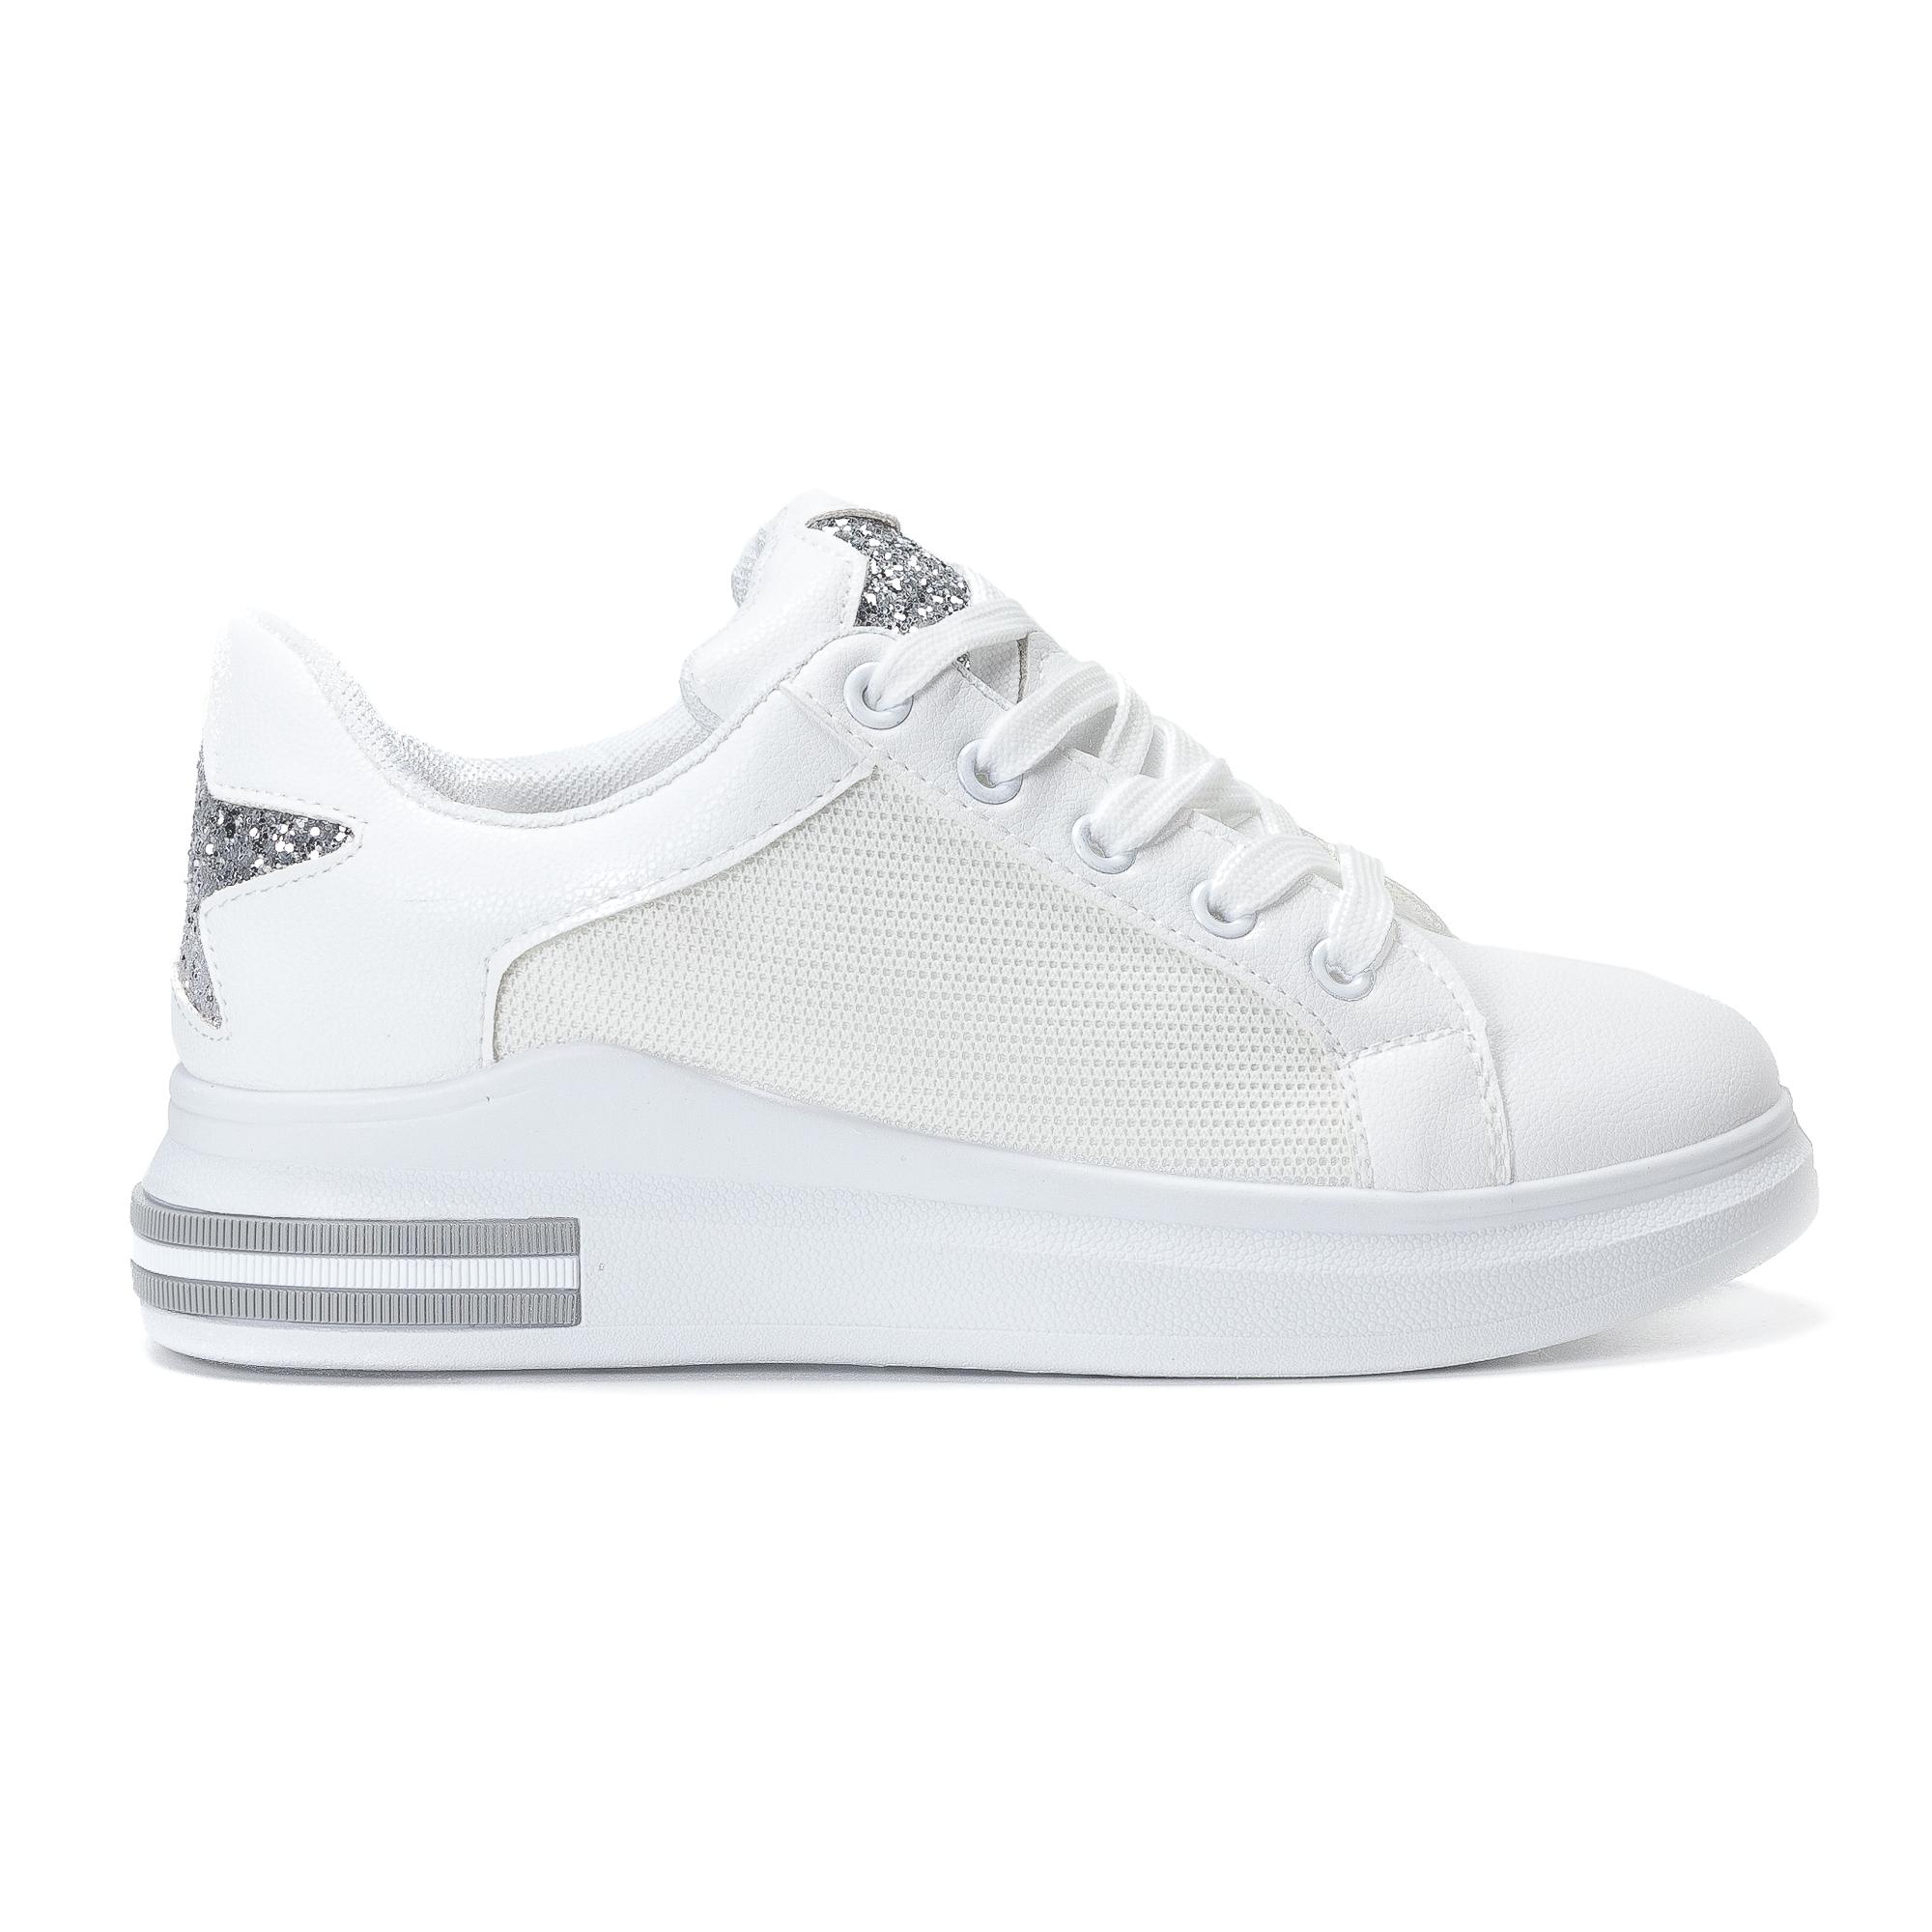 Γυναικεία λευκά sneakers από οικολογικό δέρμα με ασημένια αστεράκια